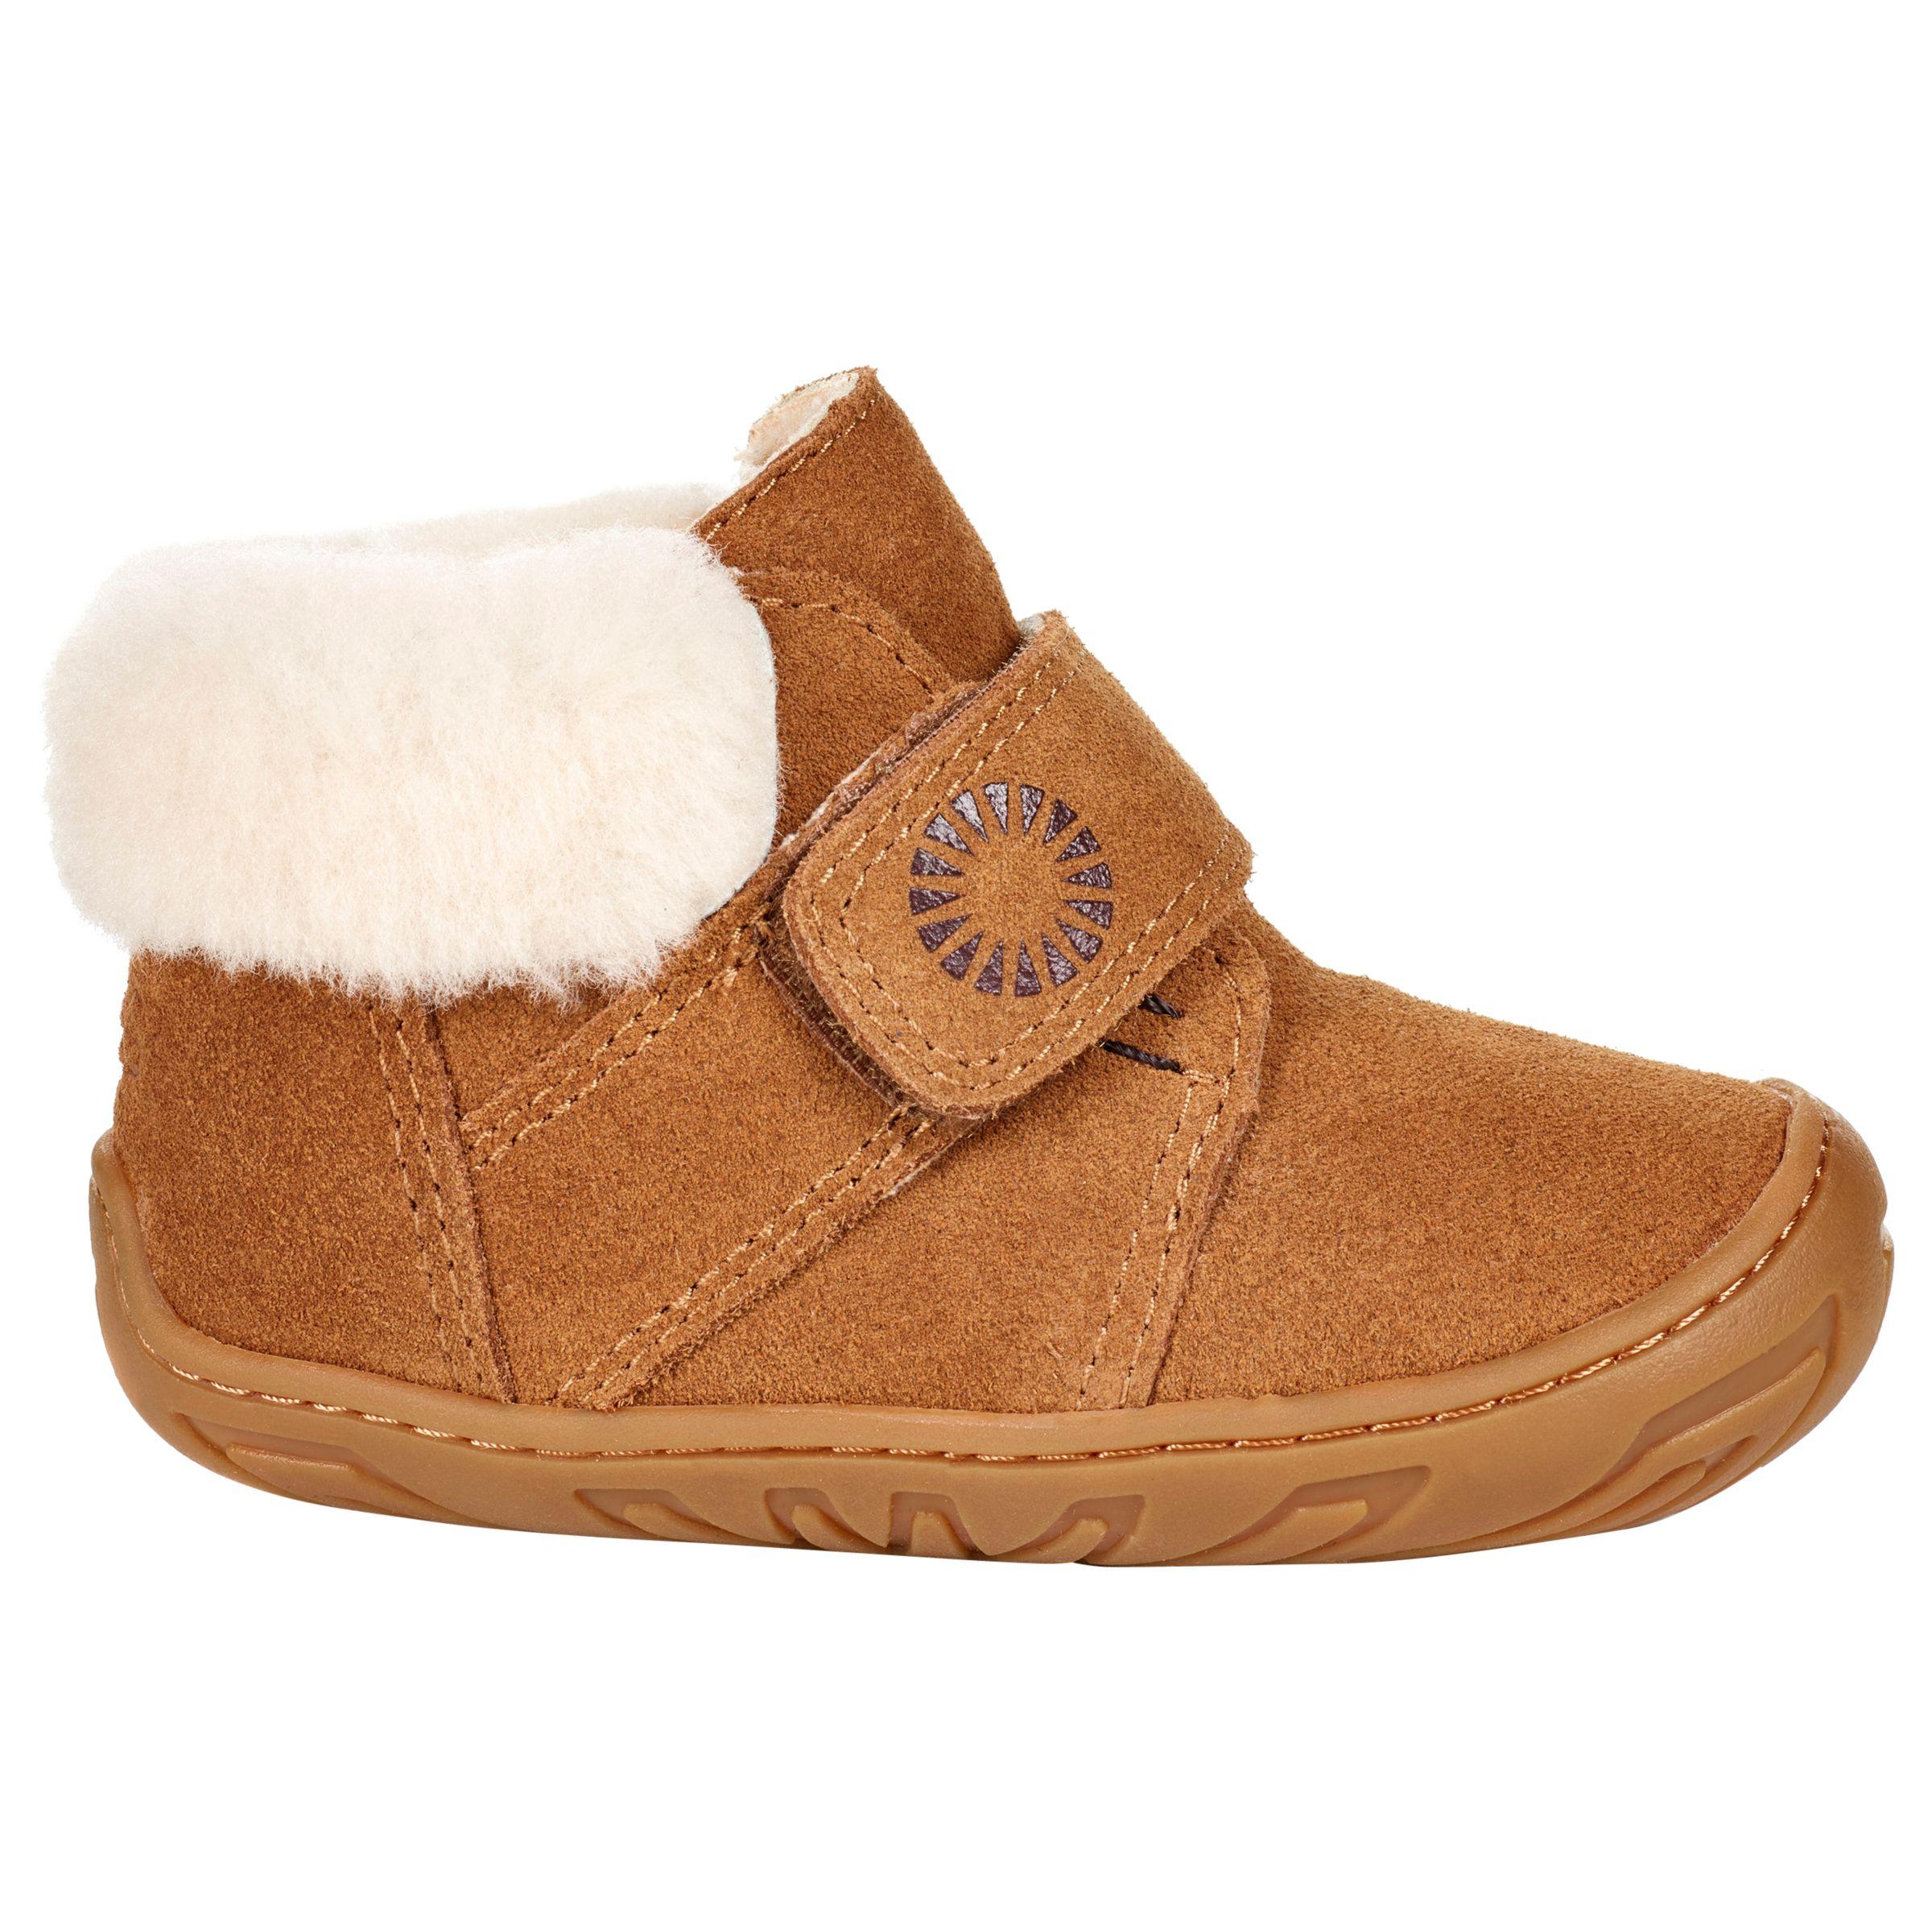 6256a1fe31e Ugg Children's Jorgen First Boots, Chestnut at John Lewis & Partners